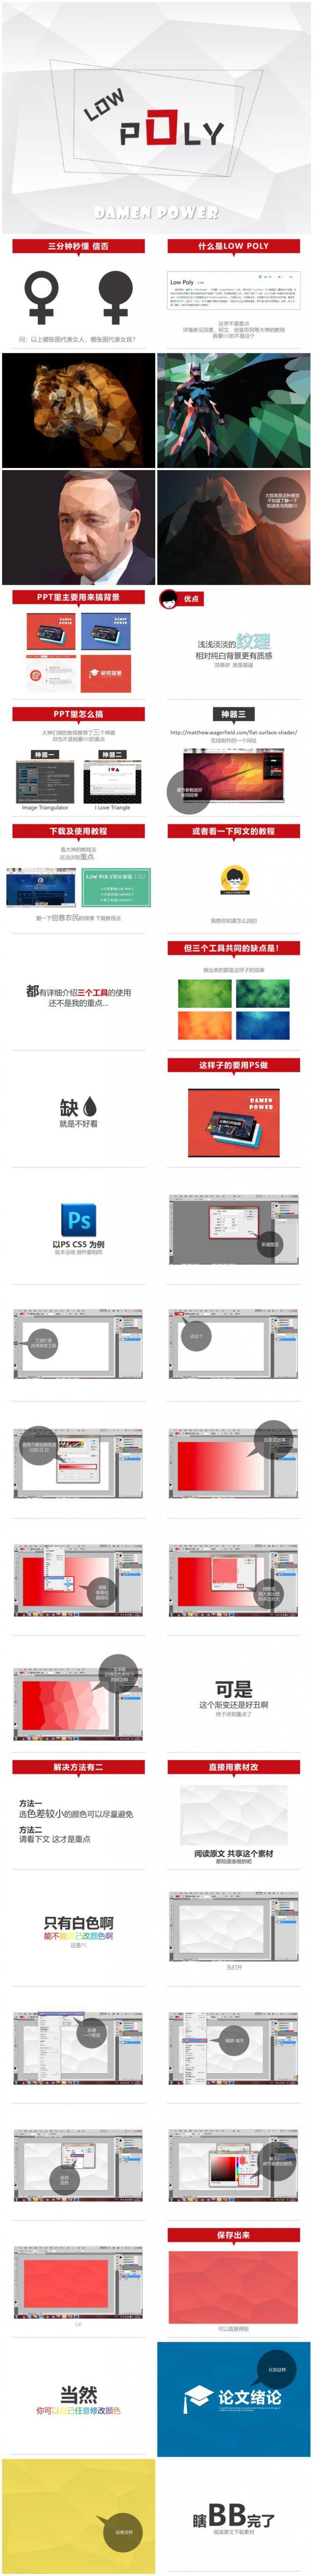 制作低多边形图片背景PPT教程